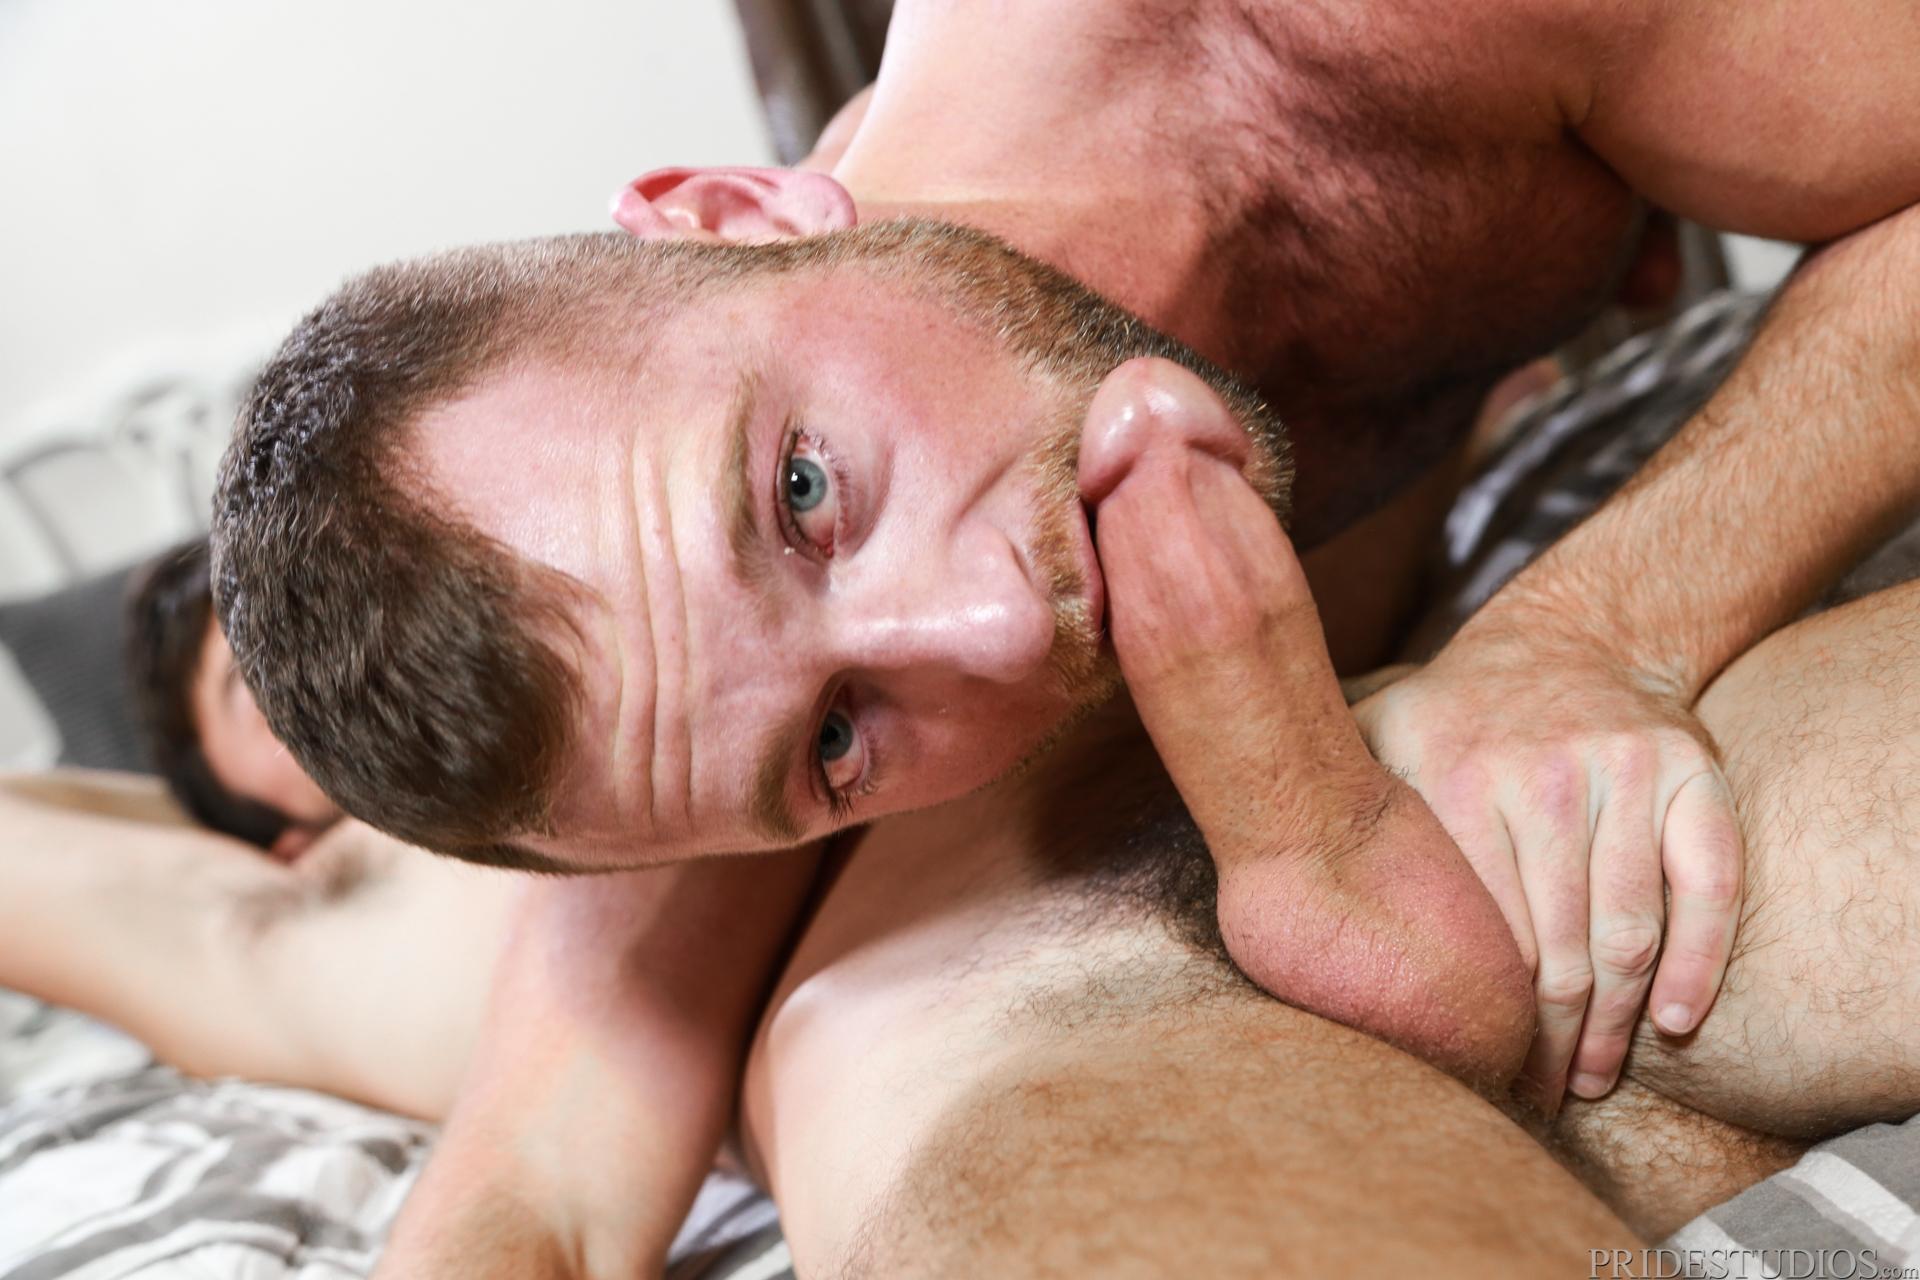 Pride-Studios-Scott-DeMarco-and-Aiden-Hart-Hairy-Cub-Gets-Fucked-05 Hairy Cub Aiden Hart Takes Scott DeMarco's Big Cock